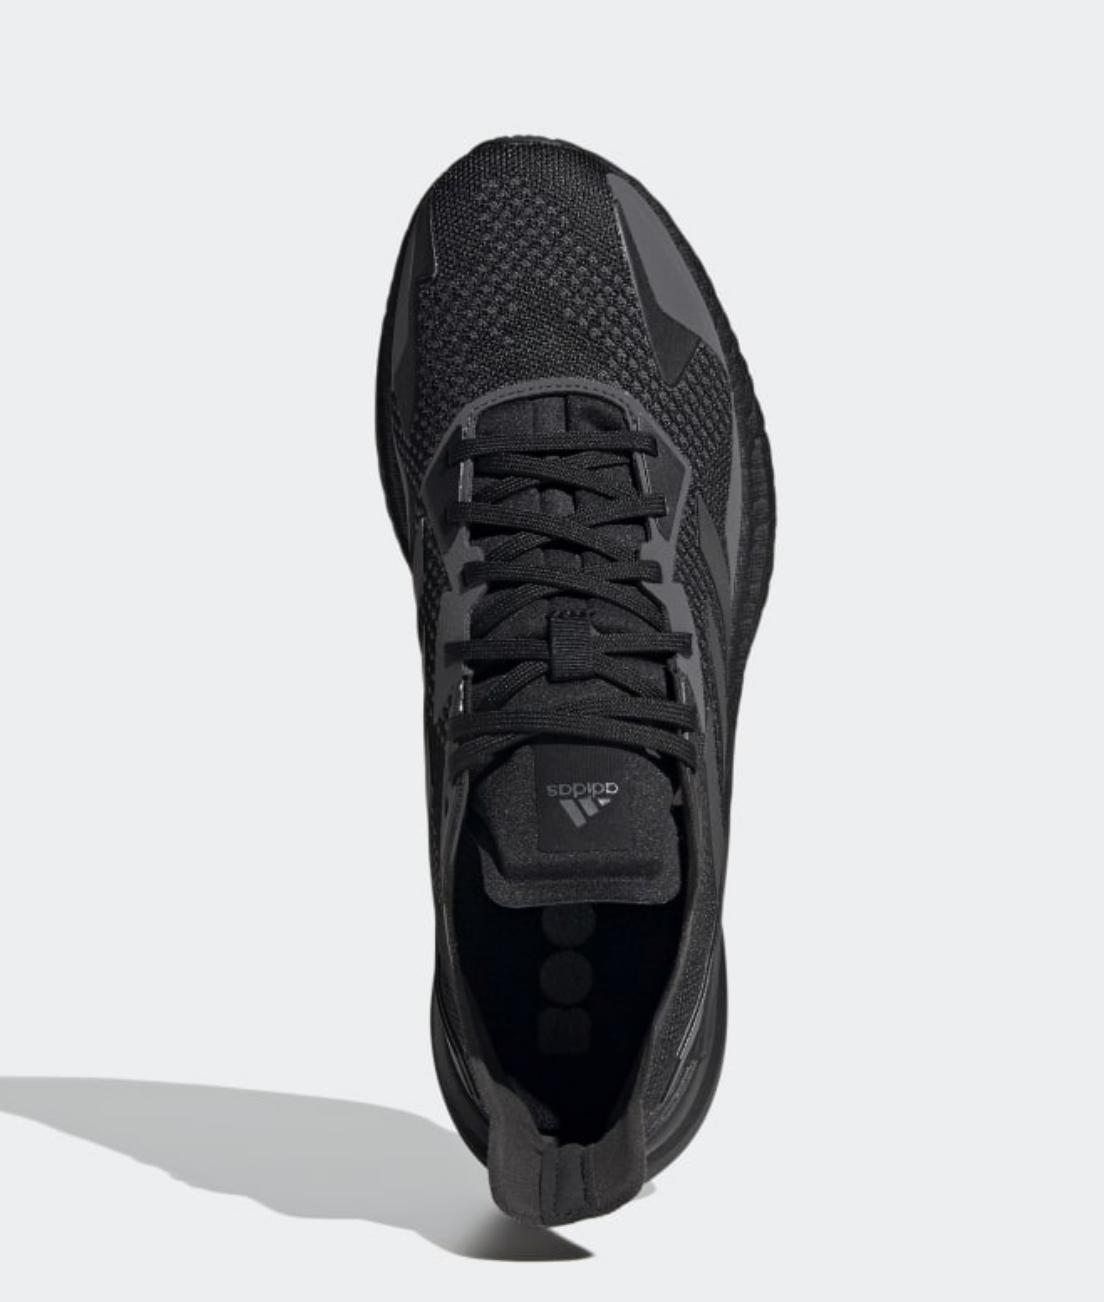 Bilde av Adidas  x9000L3 M EH0055